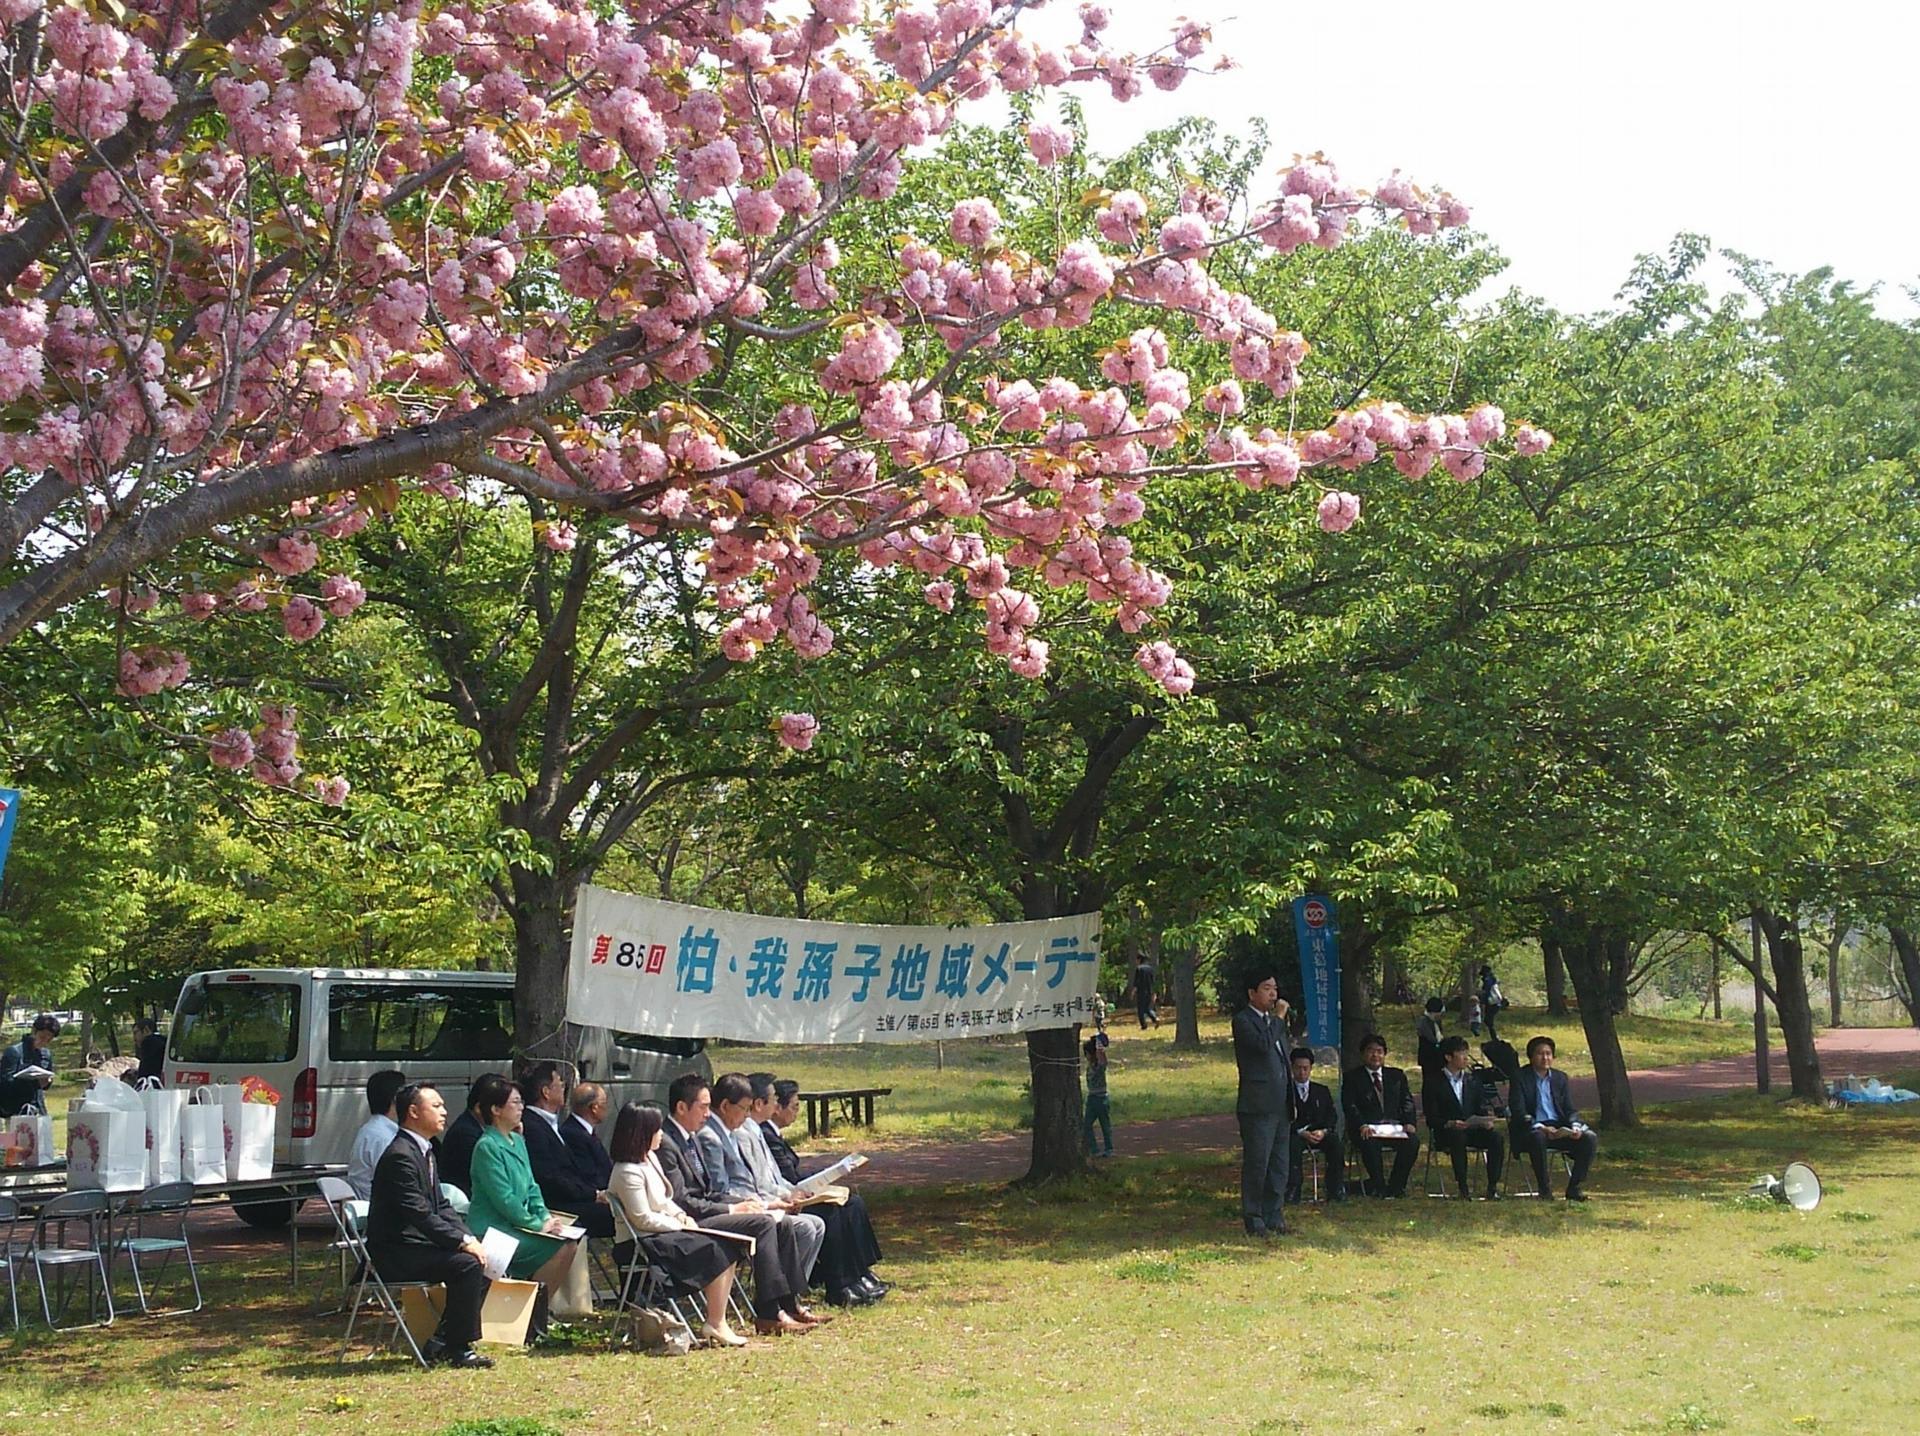 千教組(千葉県教職員組合)東葛支部のブログ